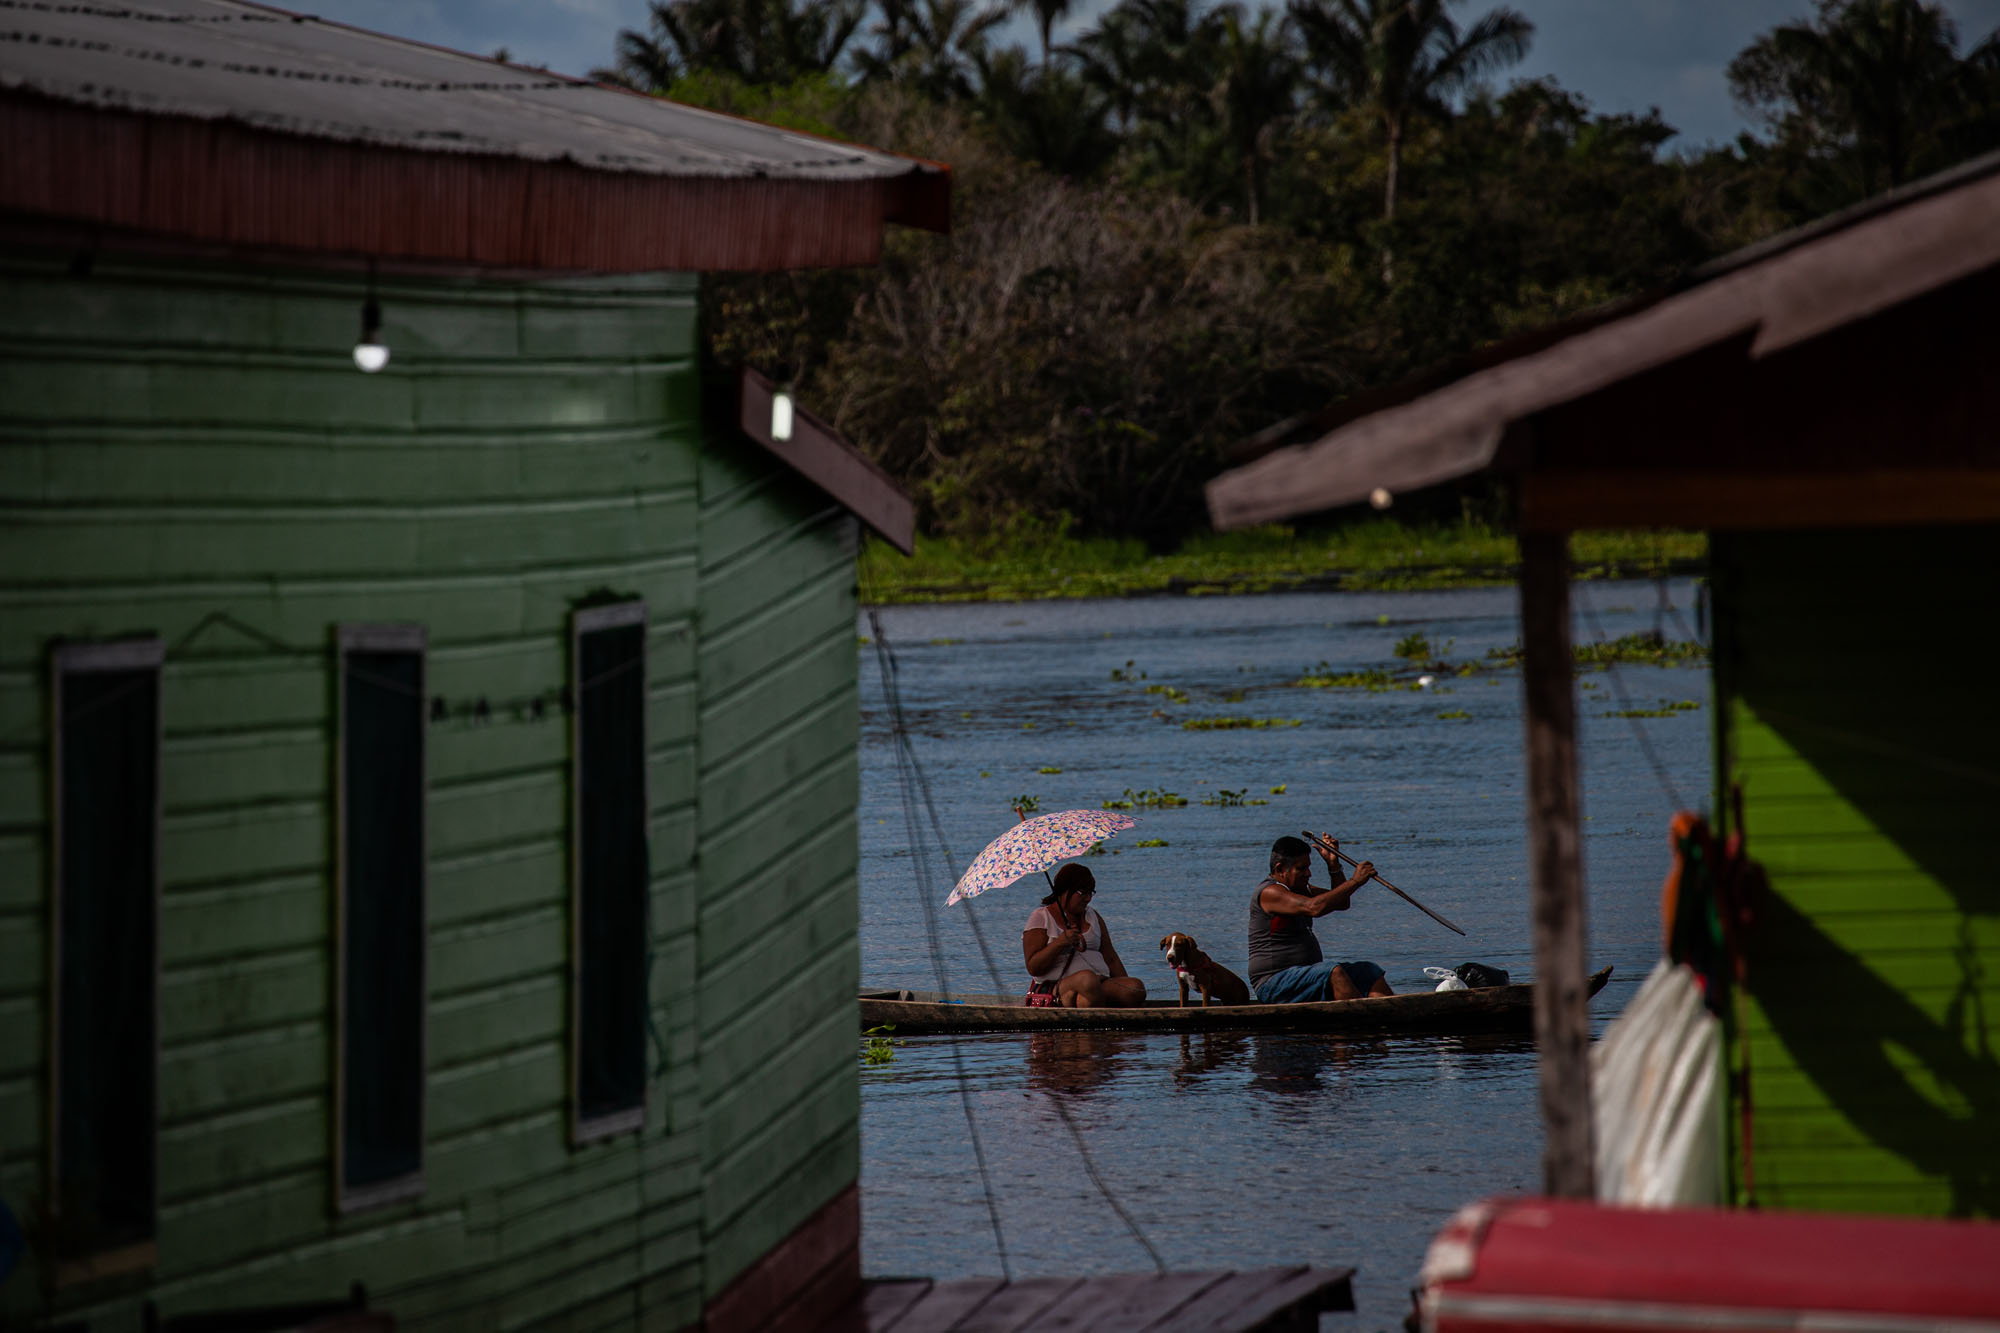 Em Iranduba (AM), família de ribeirinhos navega o rio Negro próximo da vila do Cacau Pirêra: cheia do Amazonas e seus afluentes ameaçam comunidades (Foto: Raphael Alves/Amazônia Real